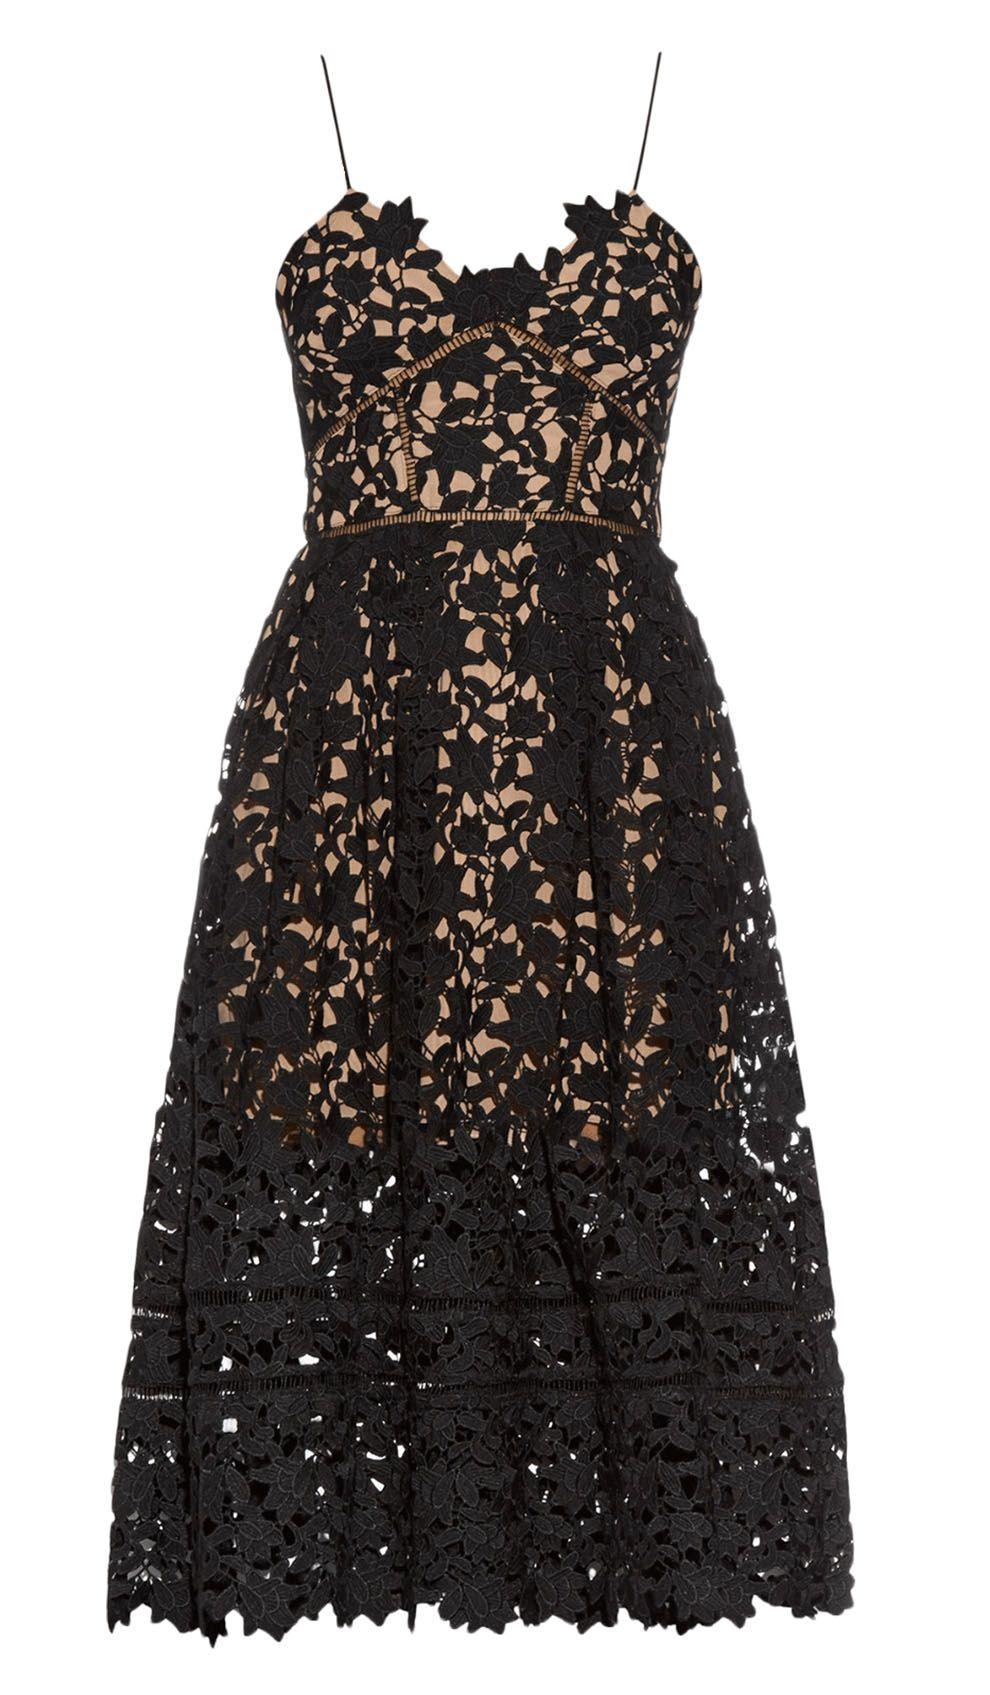 Self-Portrait Black Lace Midi Dress | Designer Kleider Mieten und ...